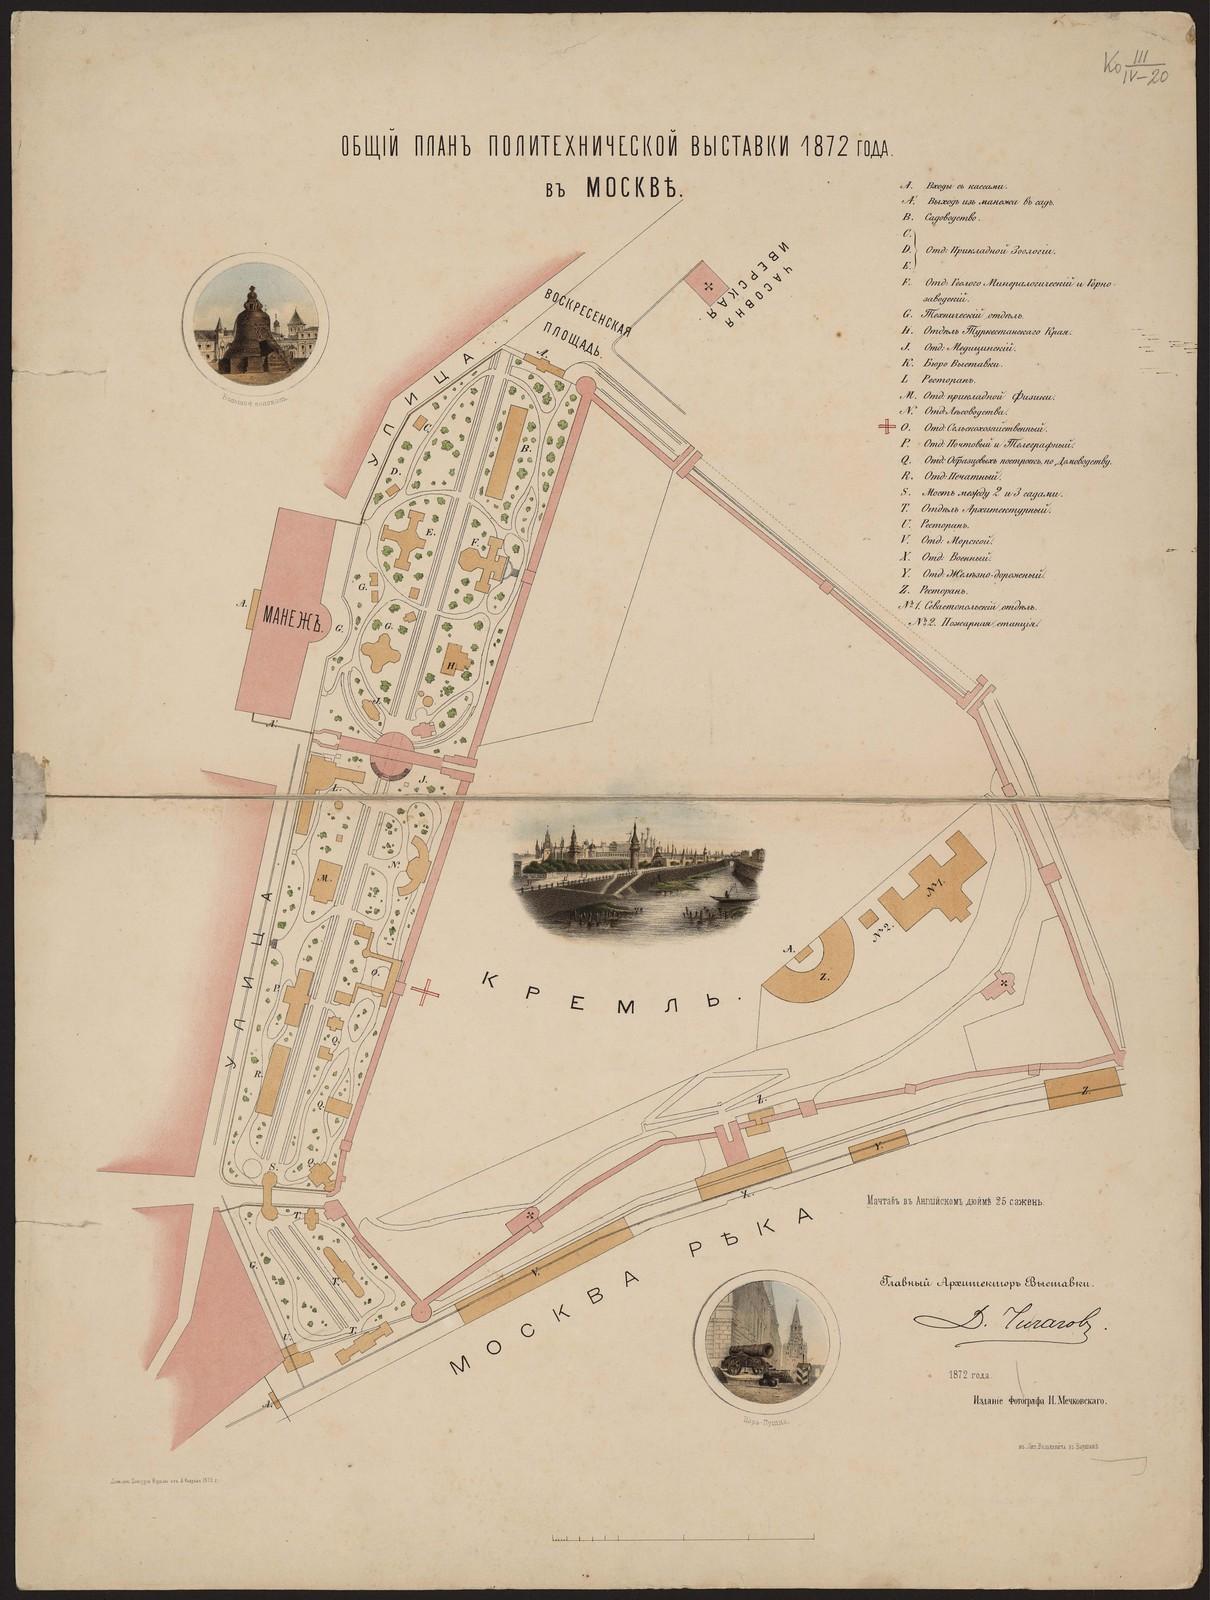 1872. Общий план политехнической выставки 1872 года в Москве